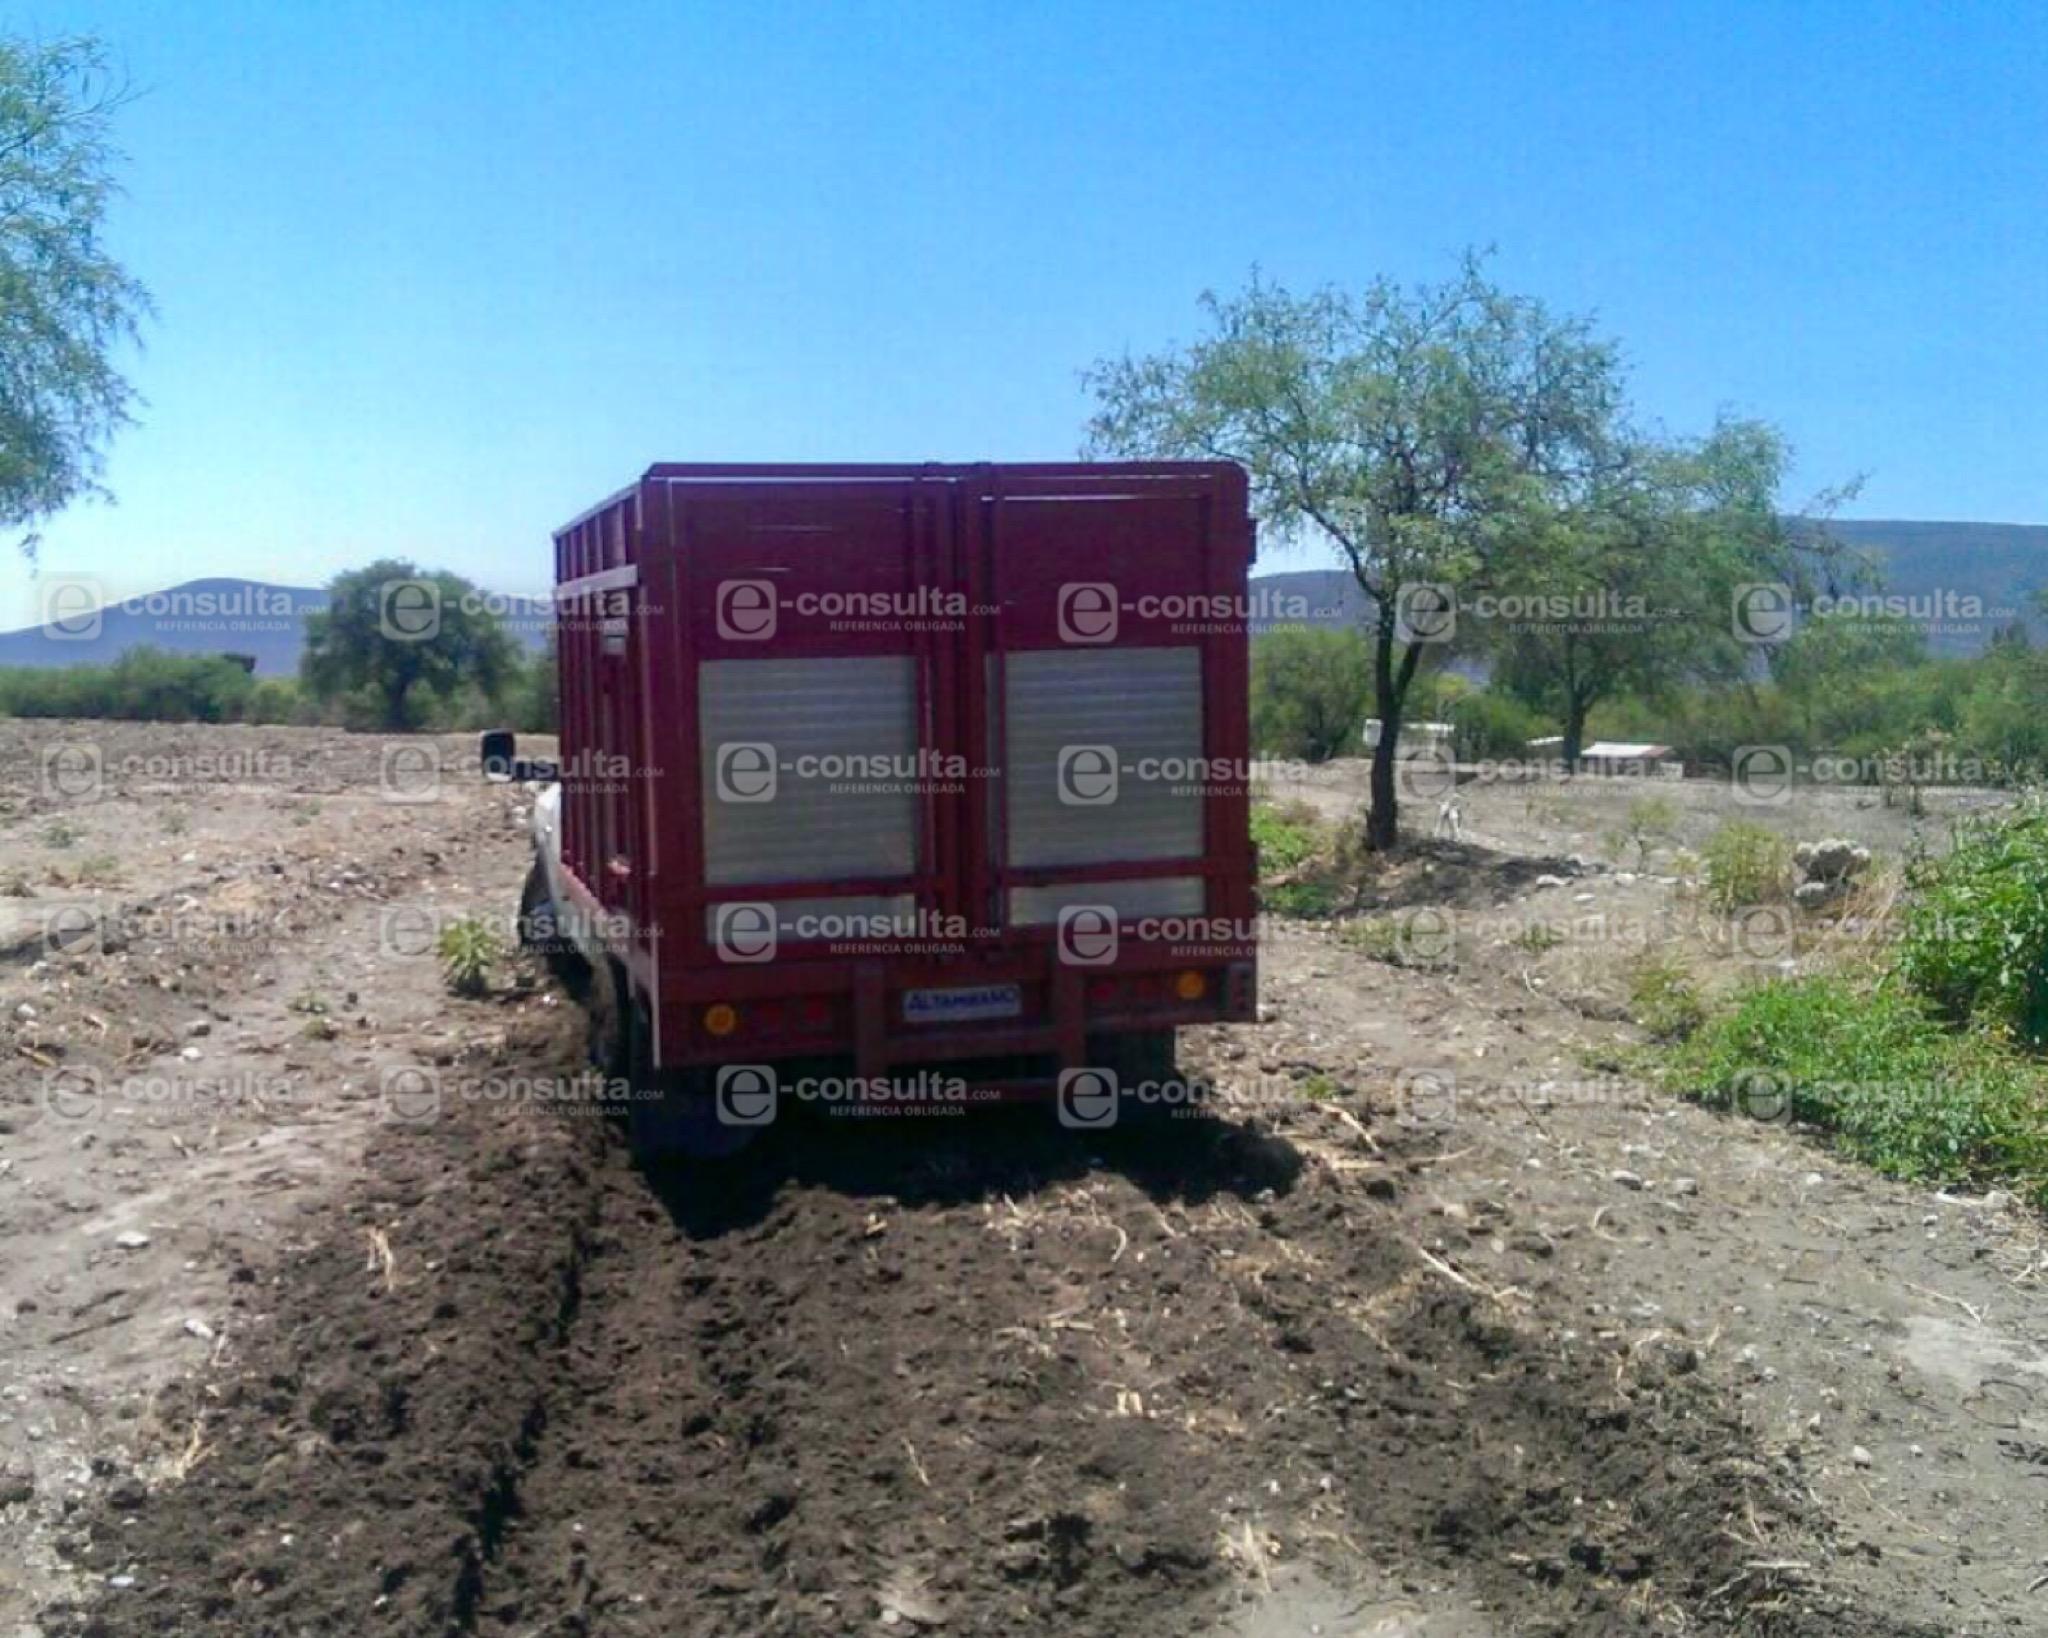 Abandonan camioneta con 6 mil litros de huachicol en terrenos de Tehuacán